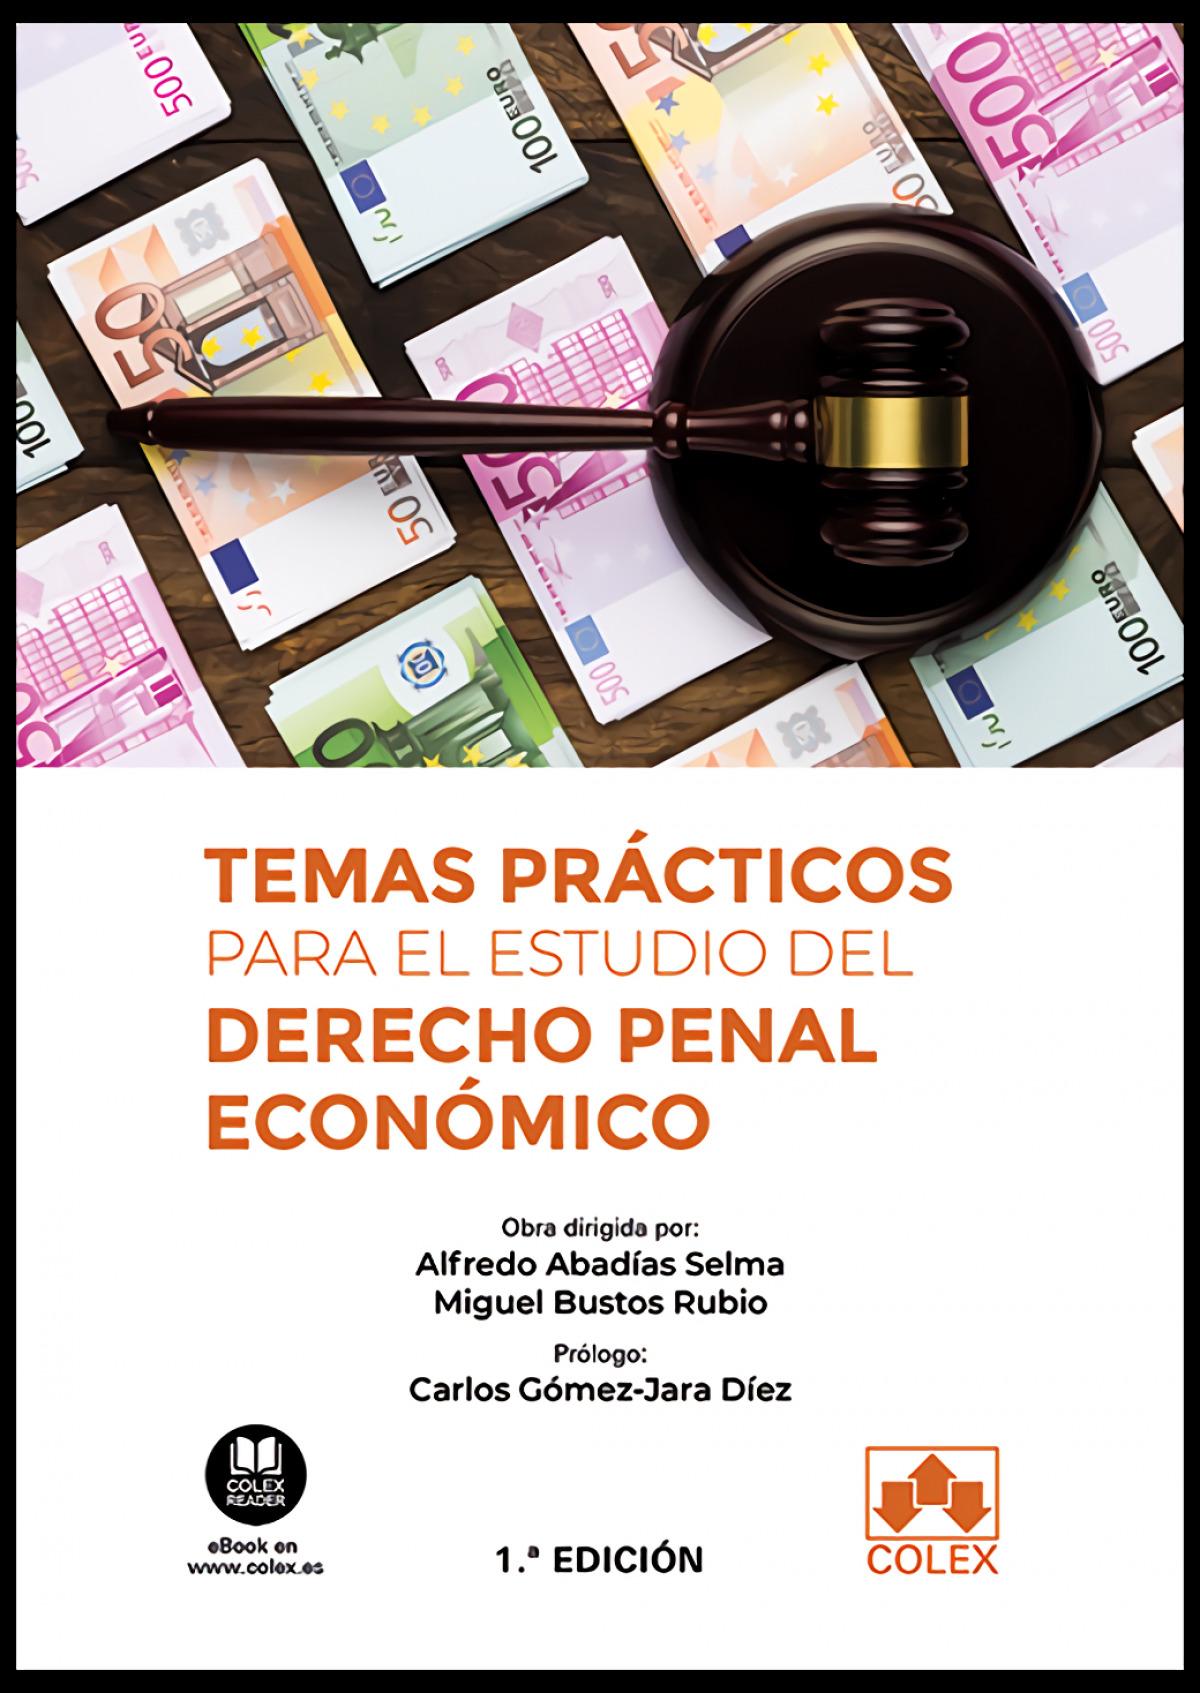 Temas prácticos para el estudio del derecho penal económico 9788413590790